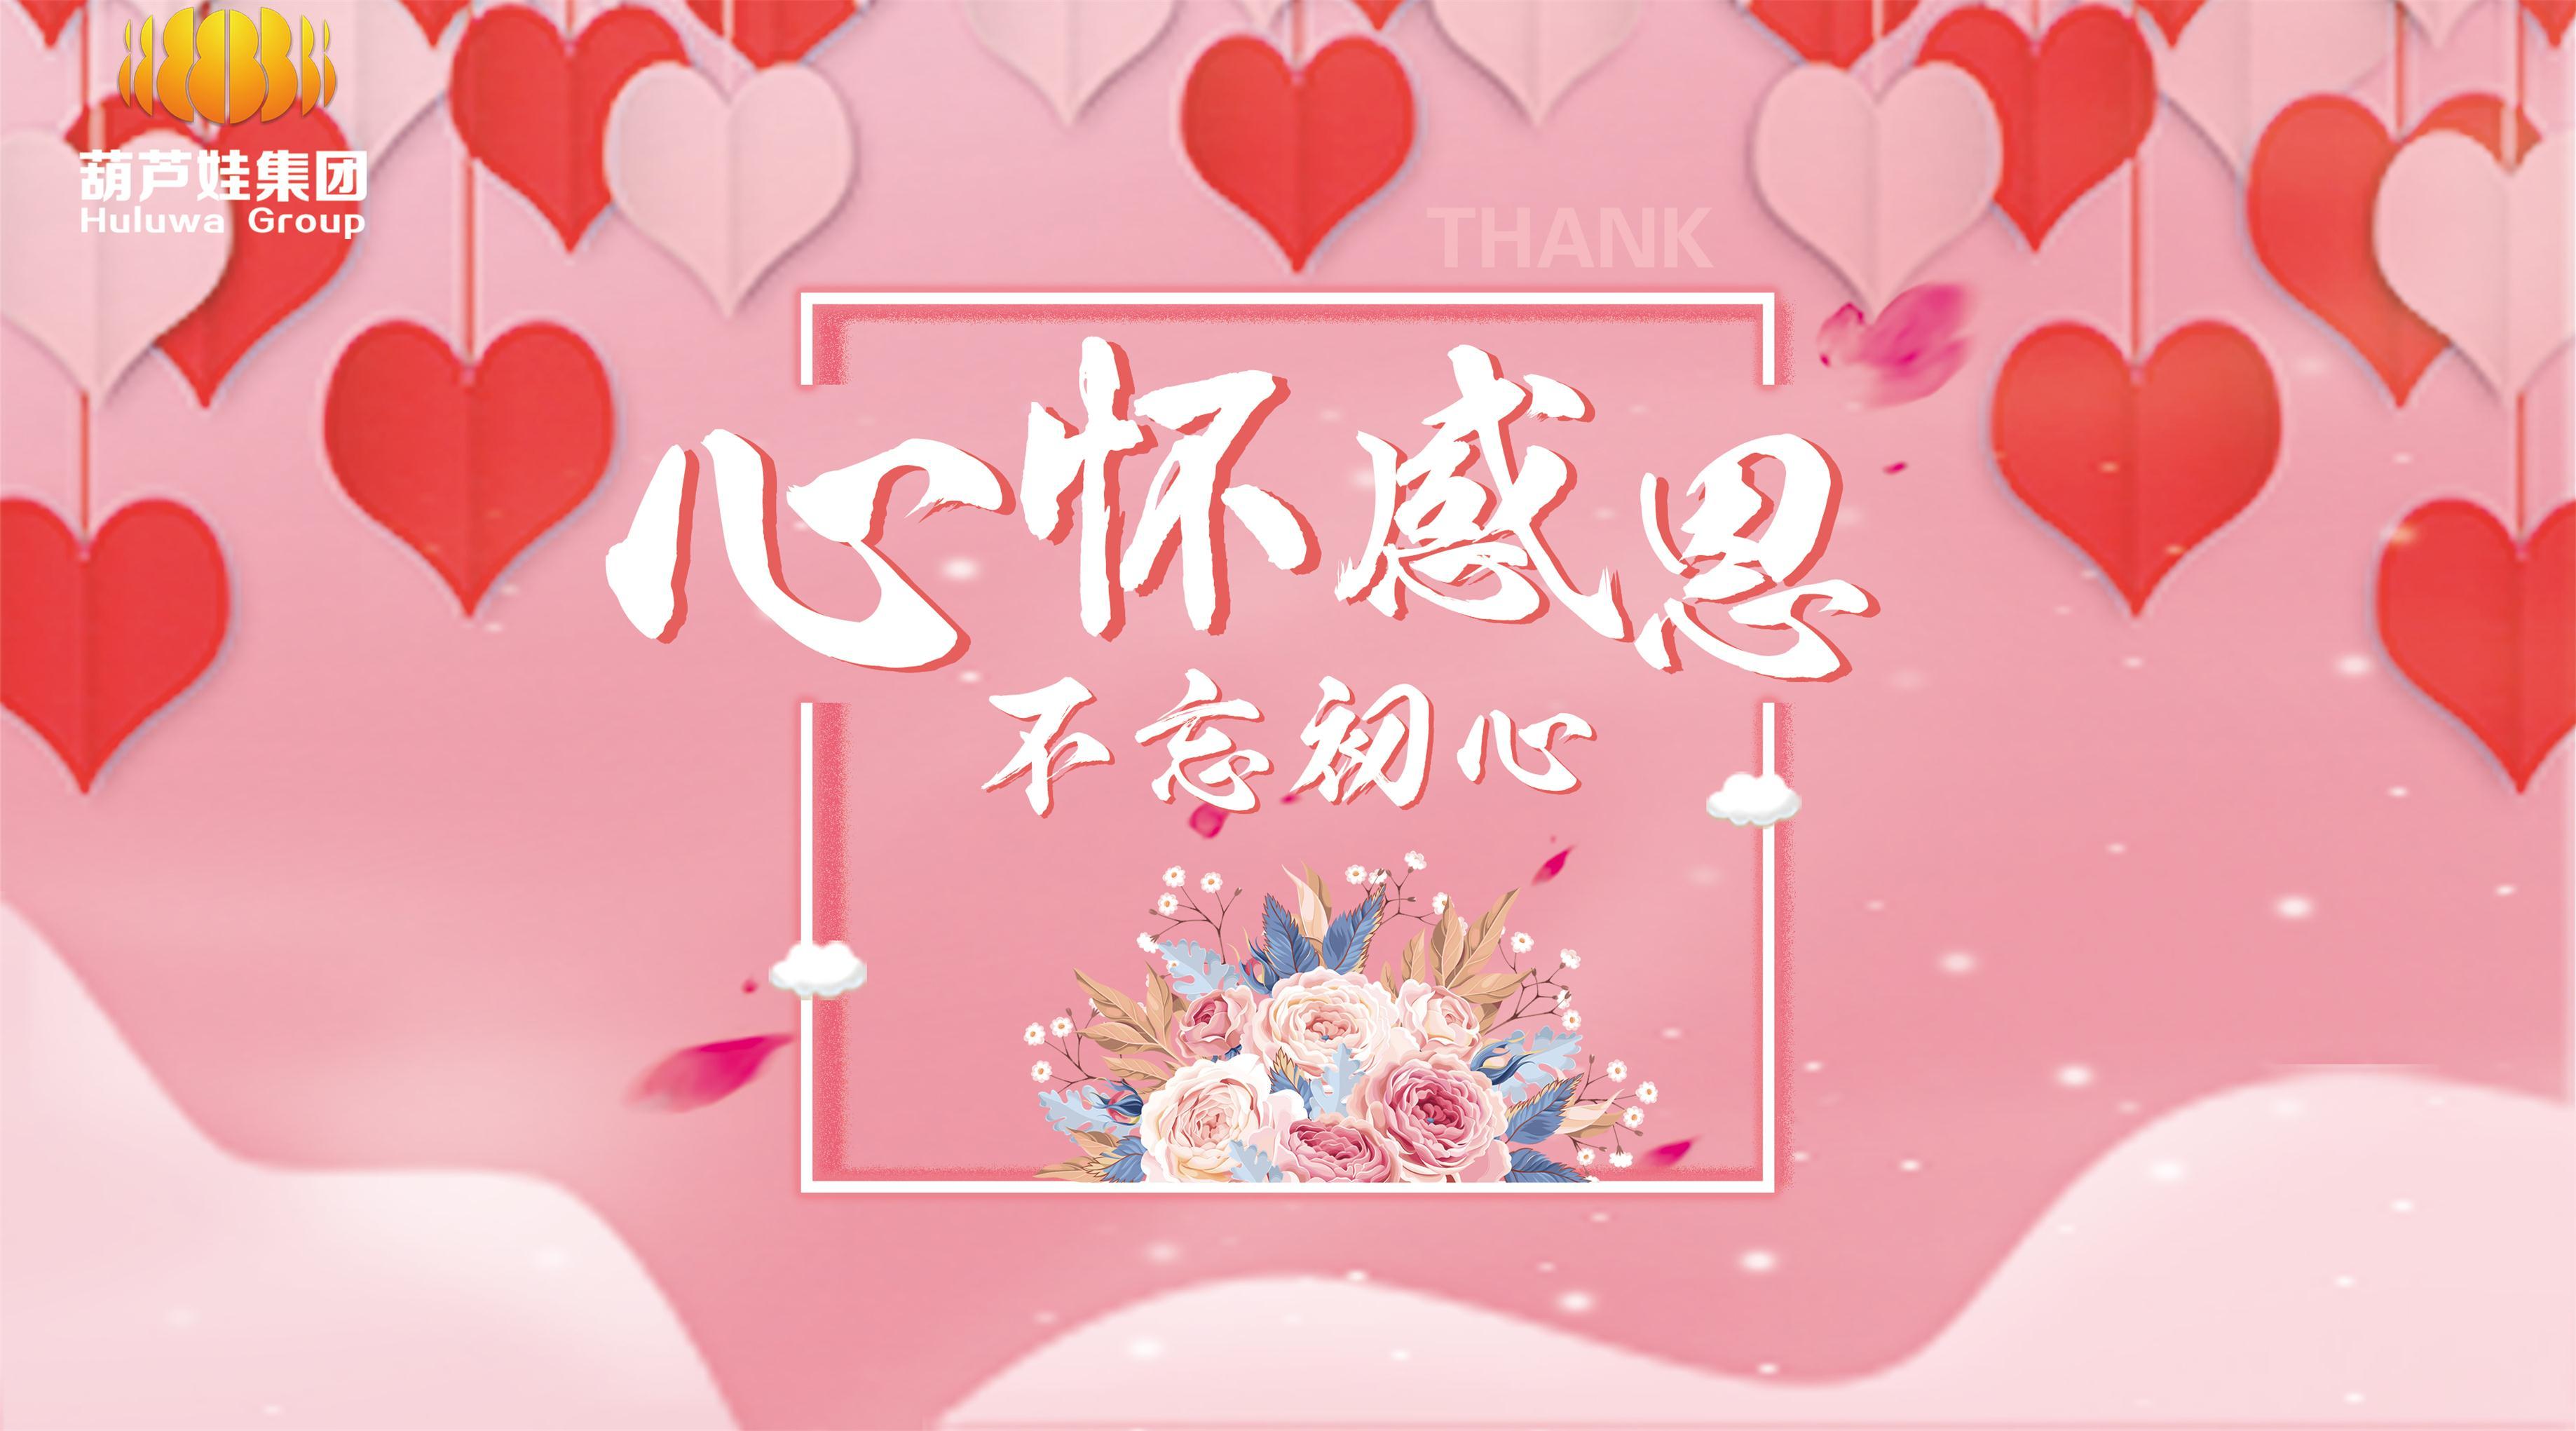 【葫芦天地】葫芦娃感恩节——心怀感恩 不忘初心